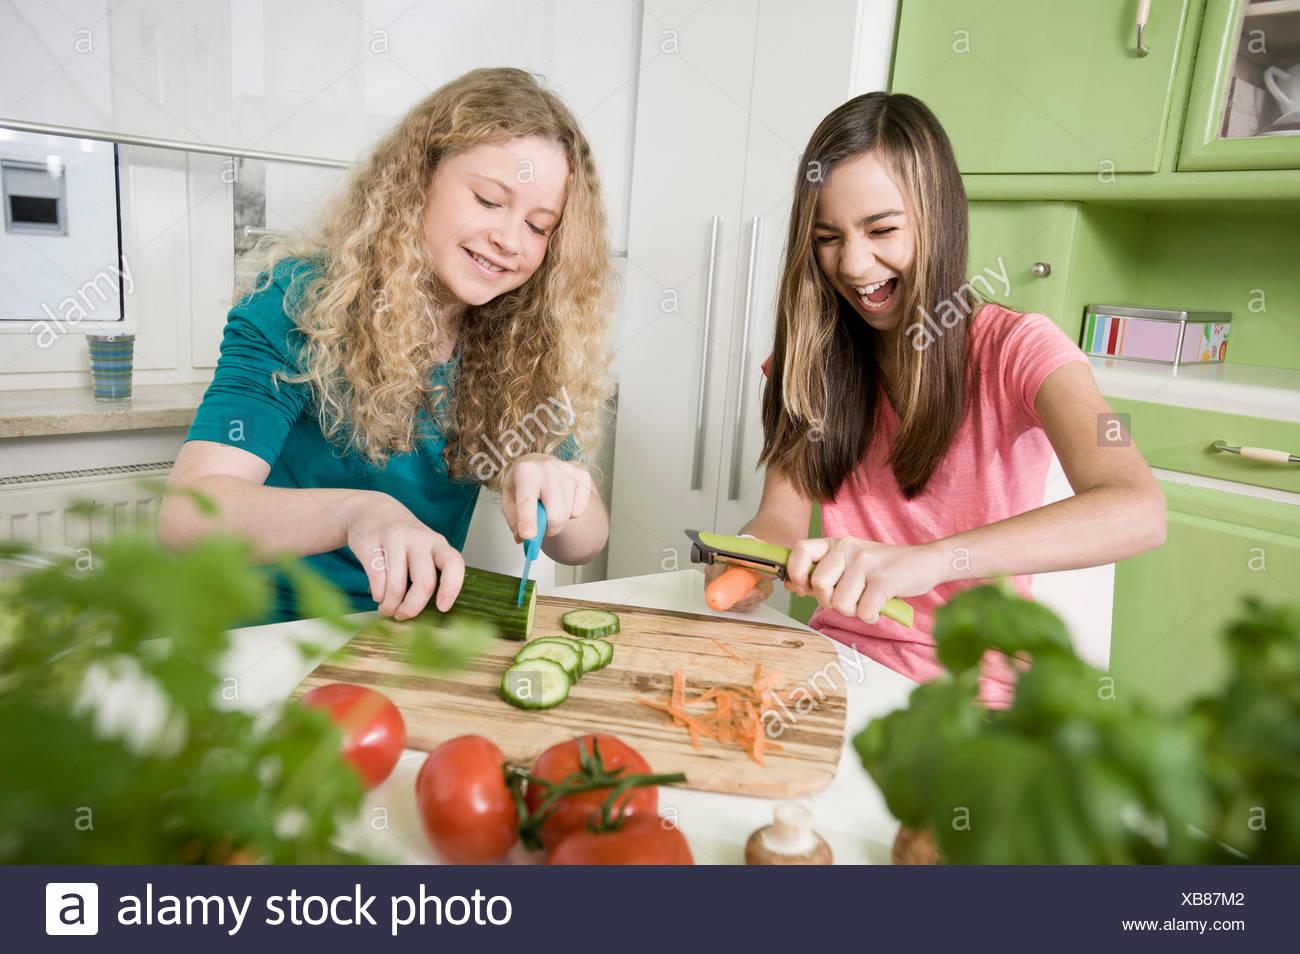 Großzügig Hacken Chop Küche Galerie - Küchenschrank Ideen ...